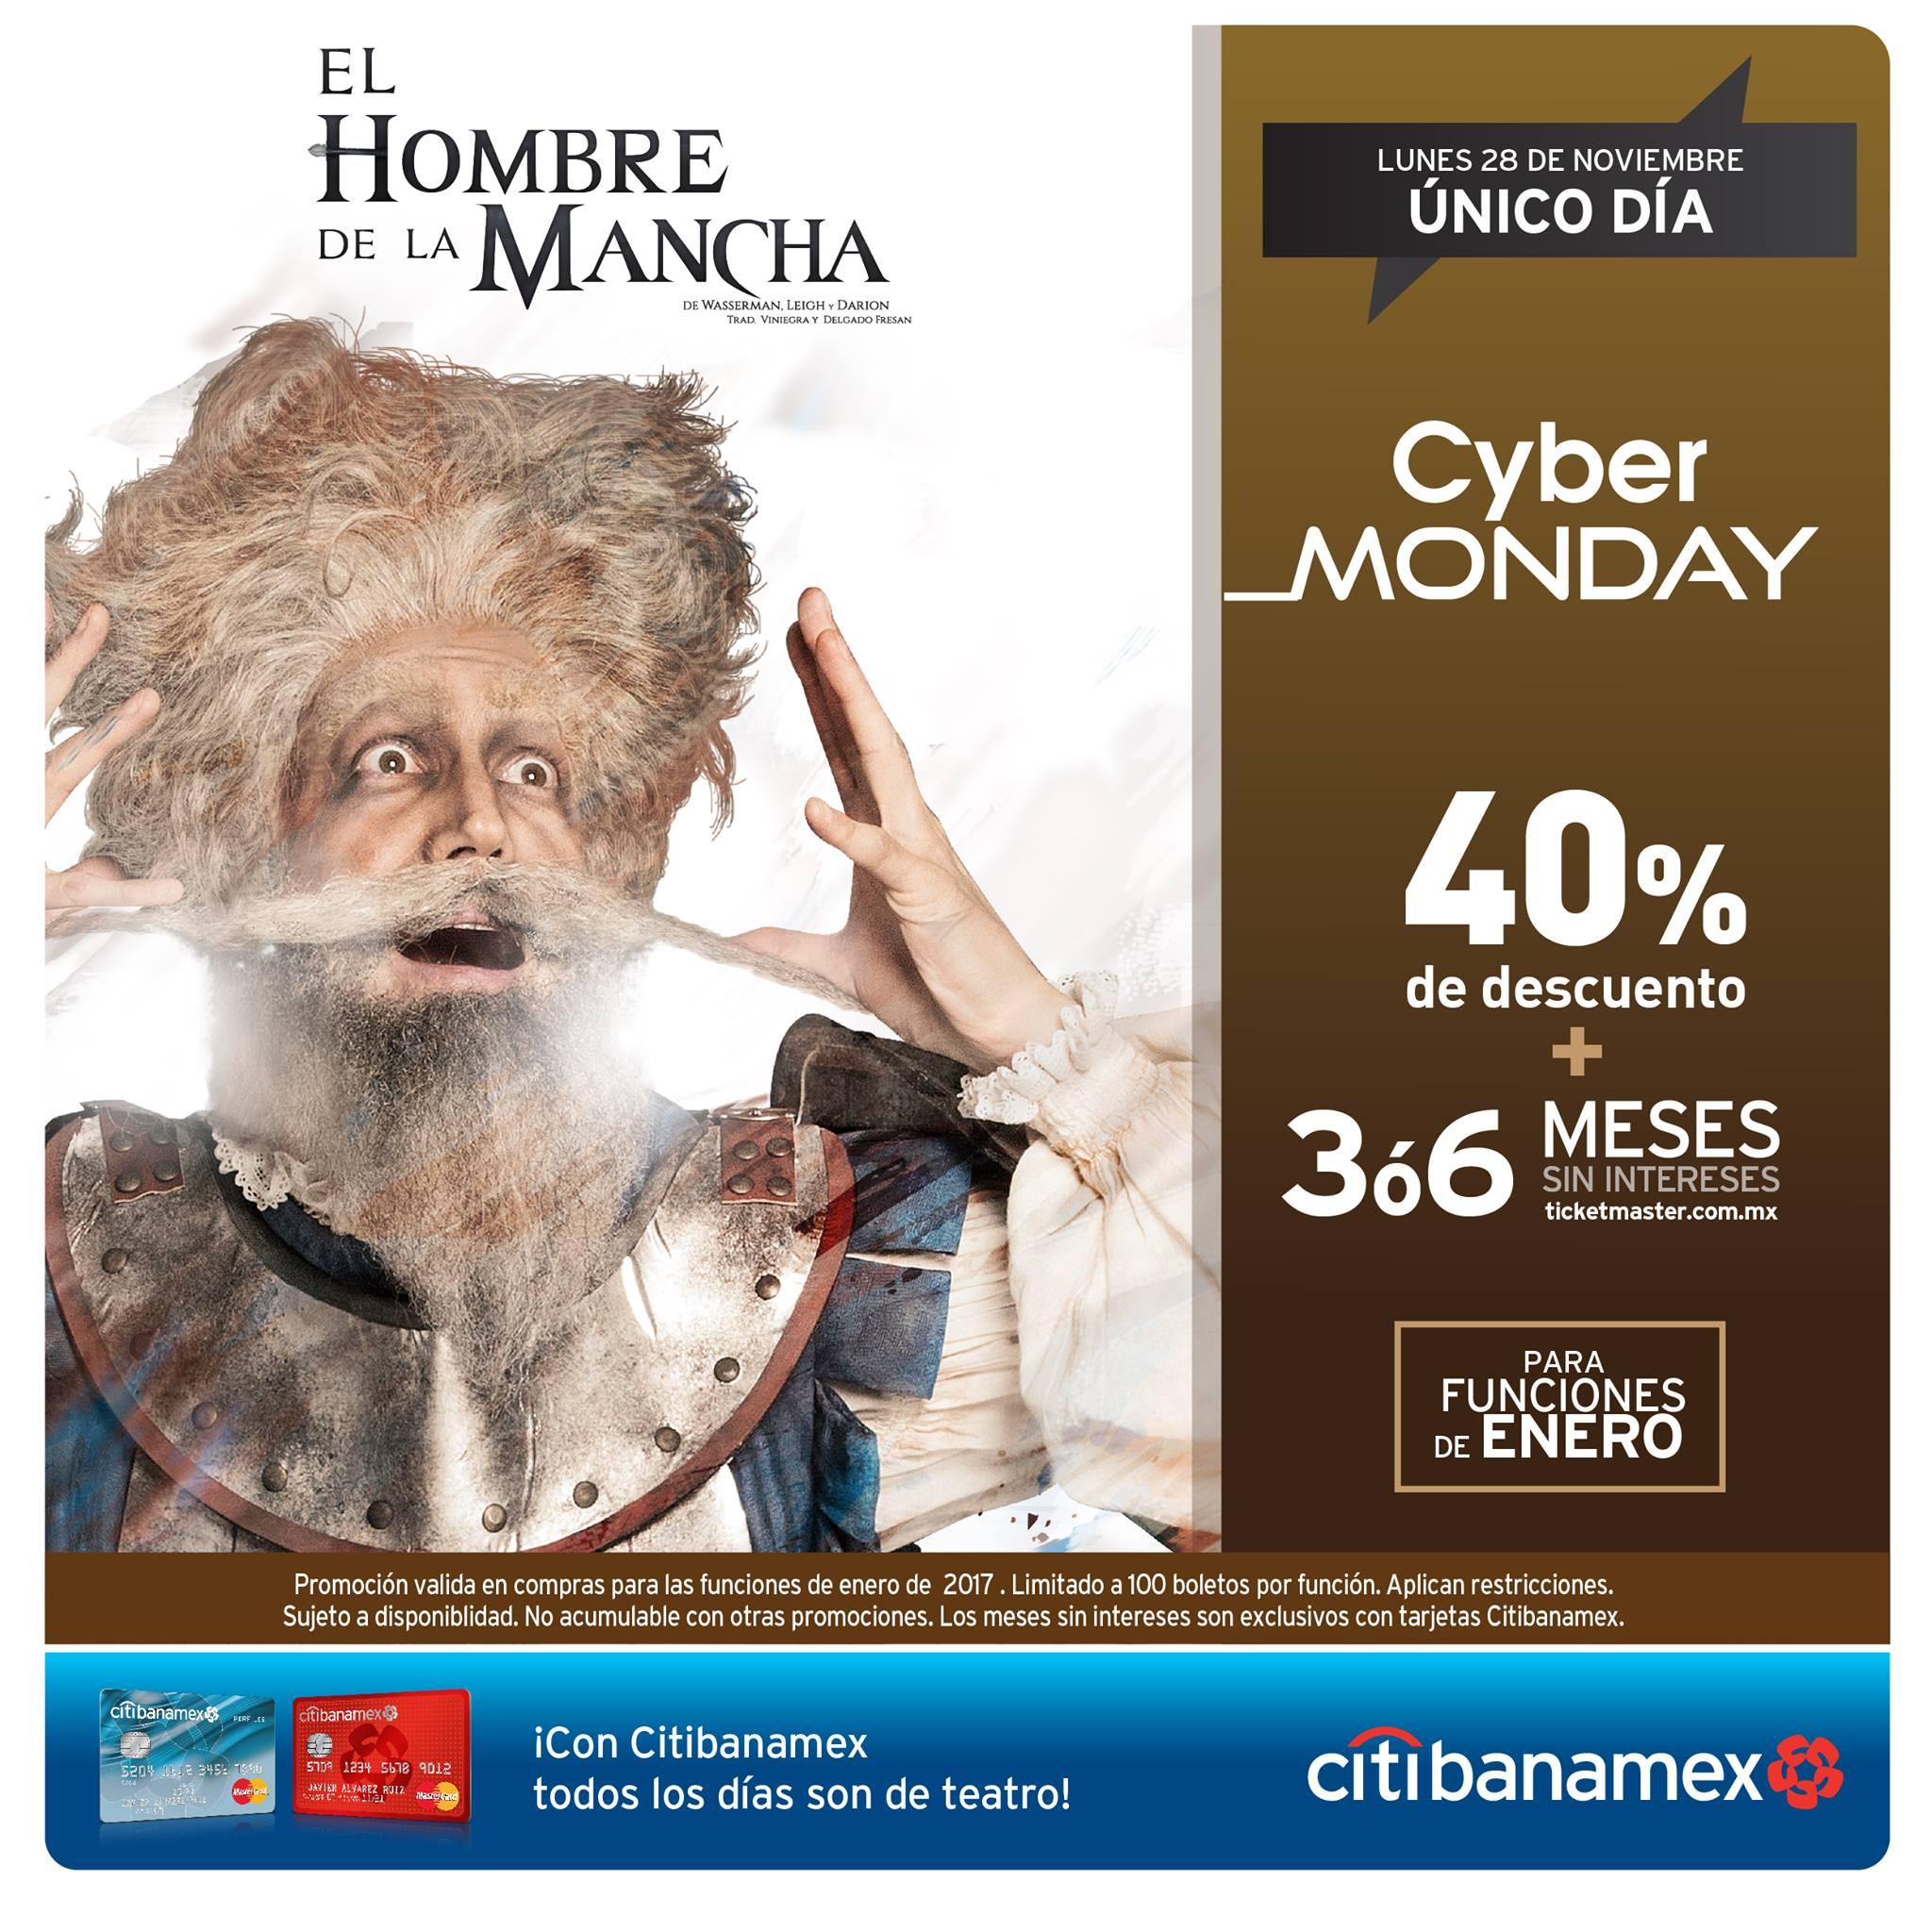 Cyber Monday 2016 Ticketmaster: CDMX, El Hombre de la Mancha -40%